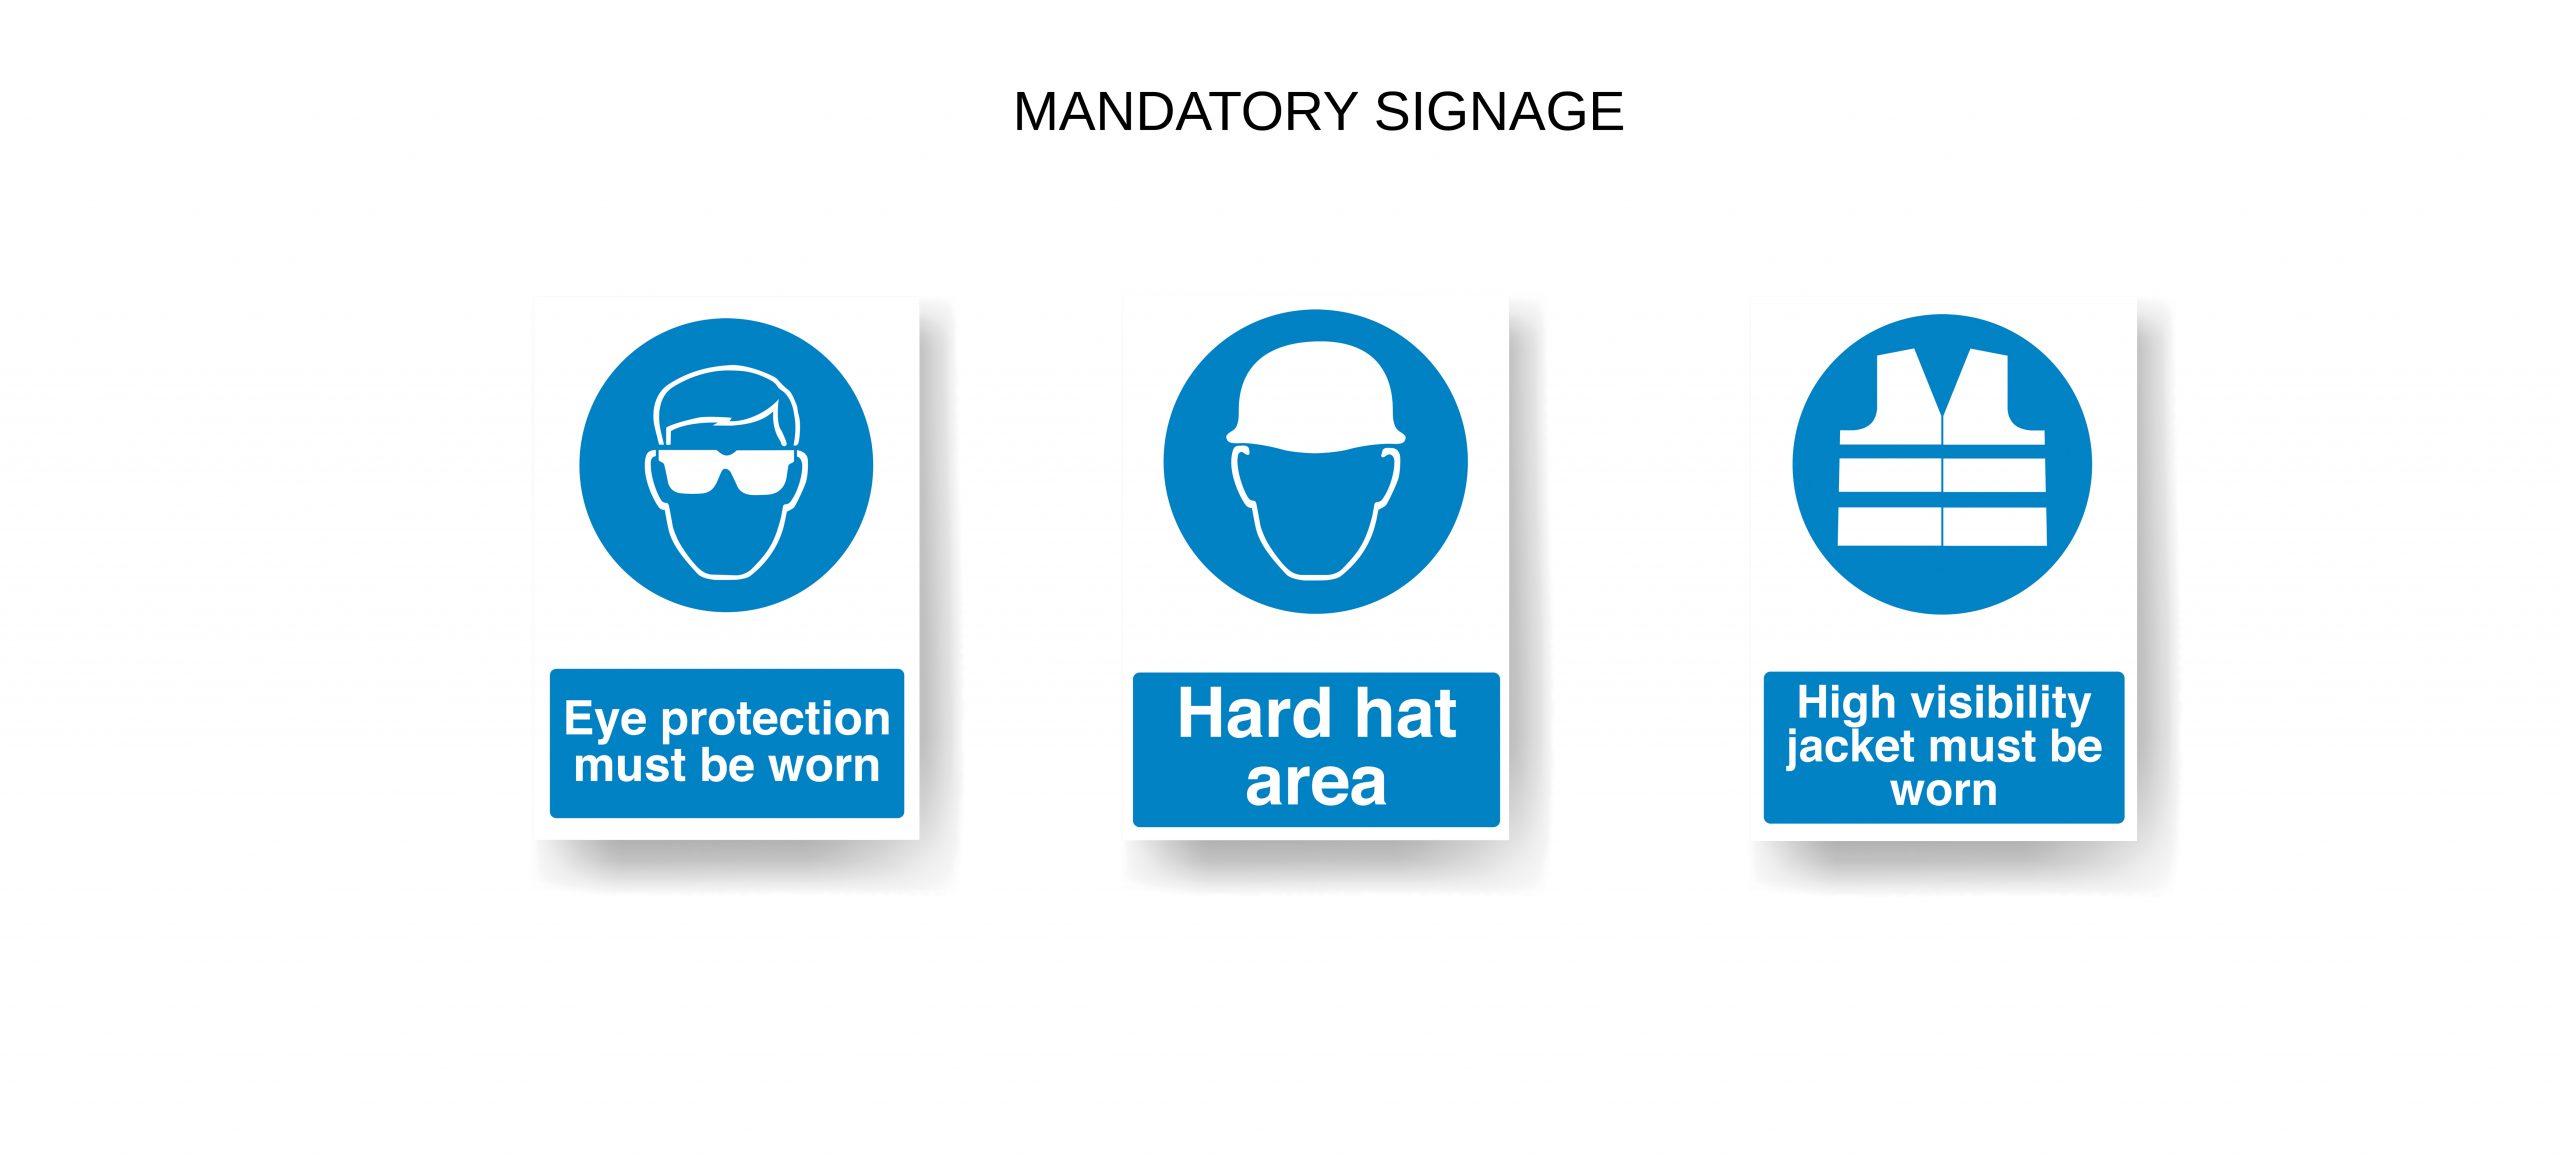 Madatory Signage